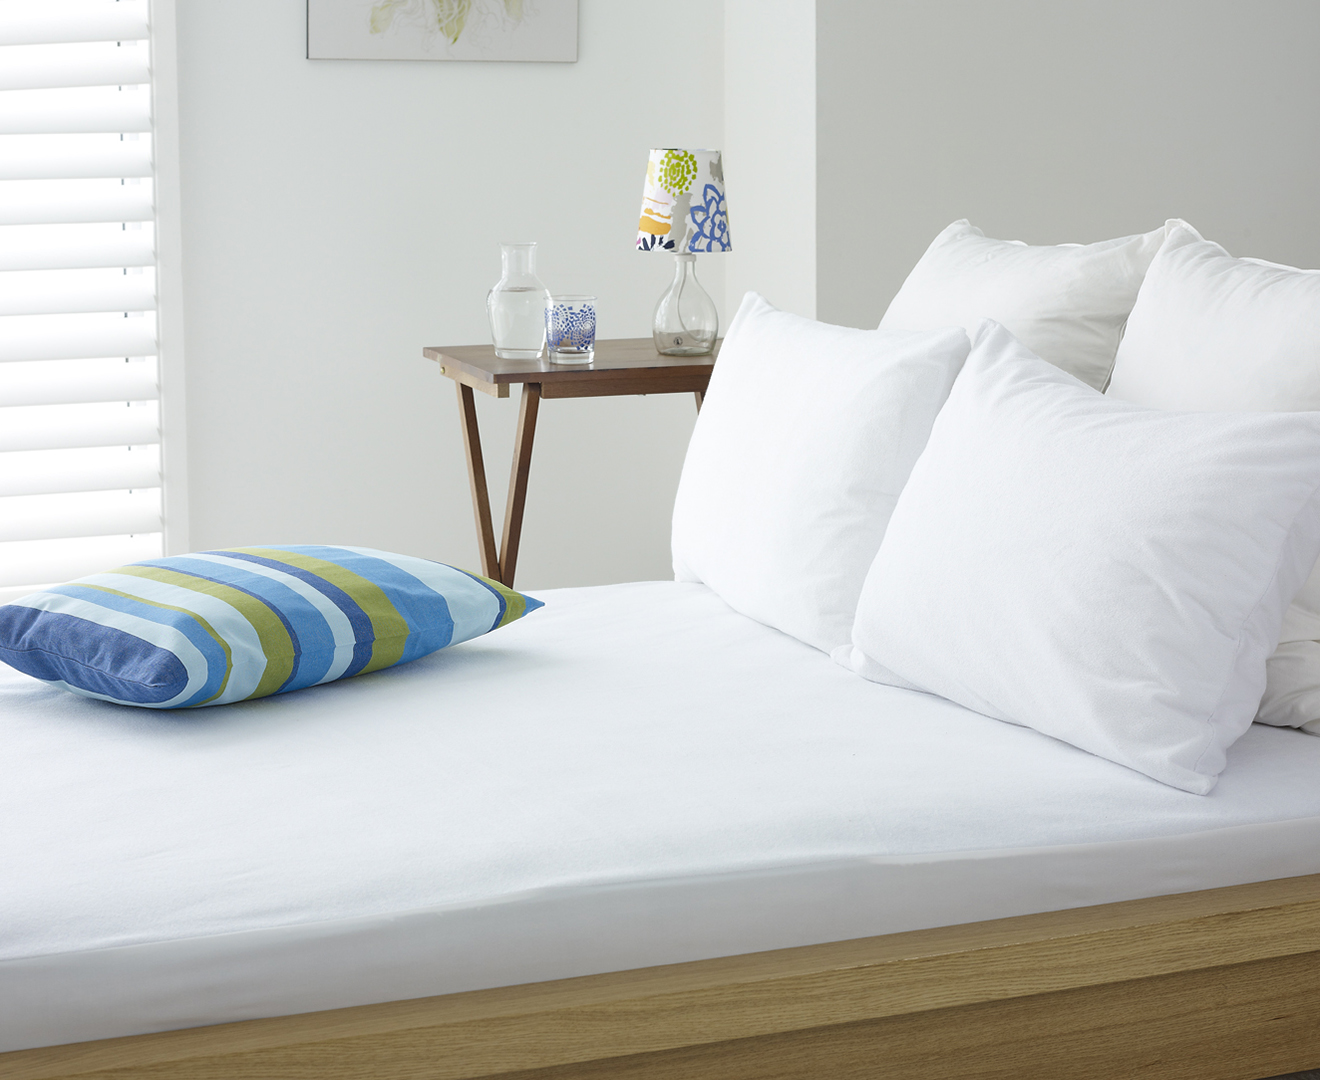 Sleep Comfort Fully Encased Waterproof Queen Bed Mattress